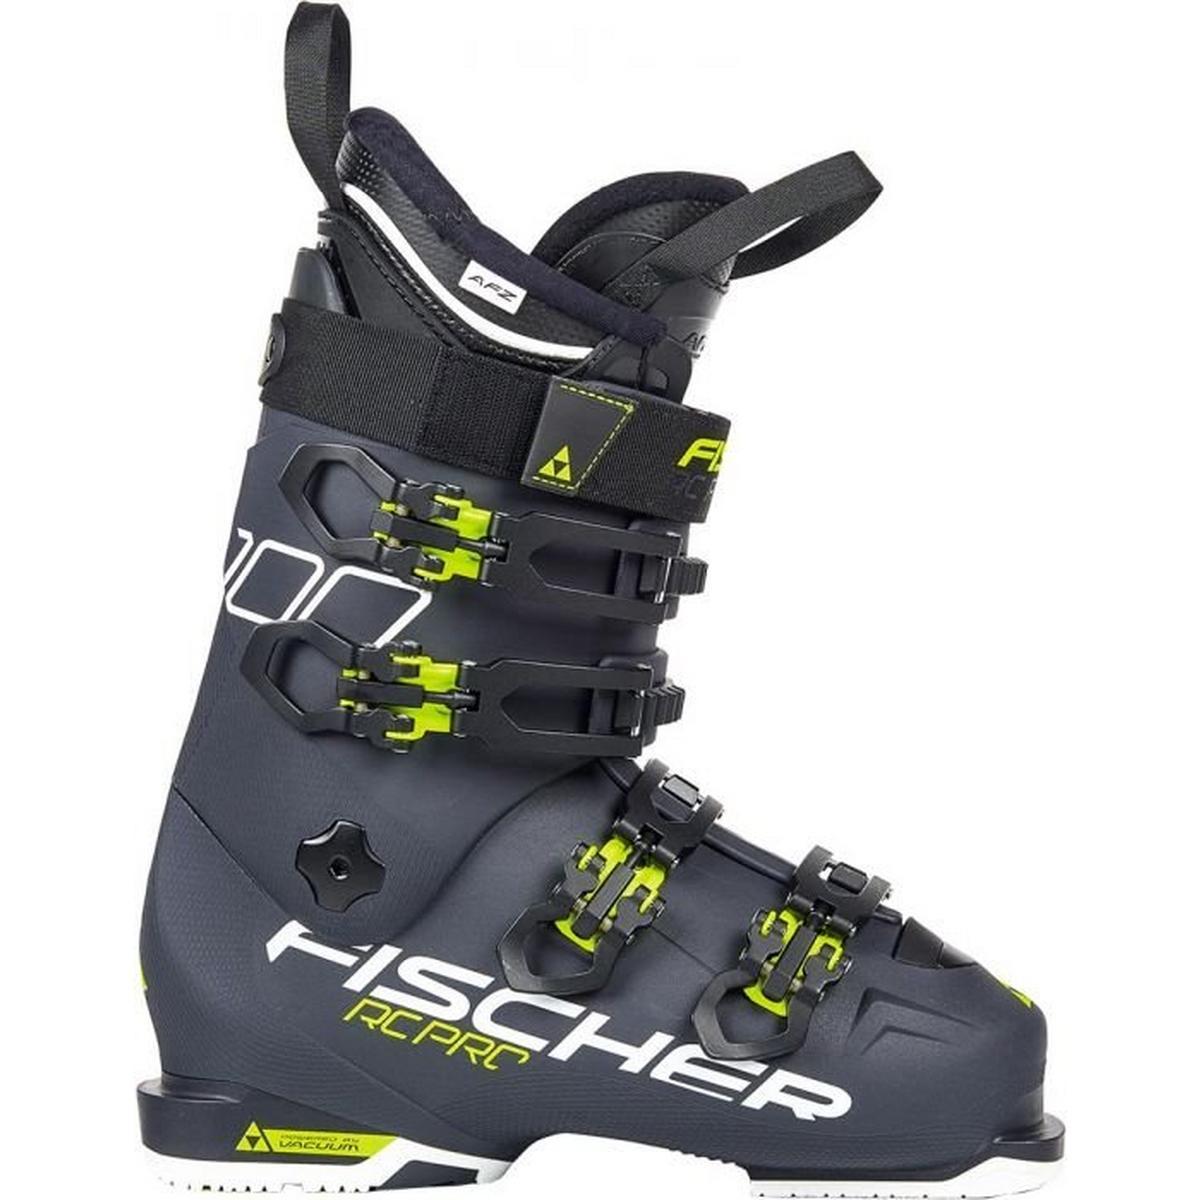 Fischer Men's RC PRO 100 PBV Ski Boot - Black